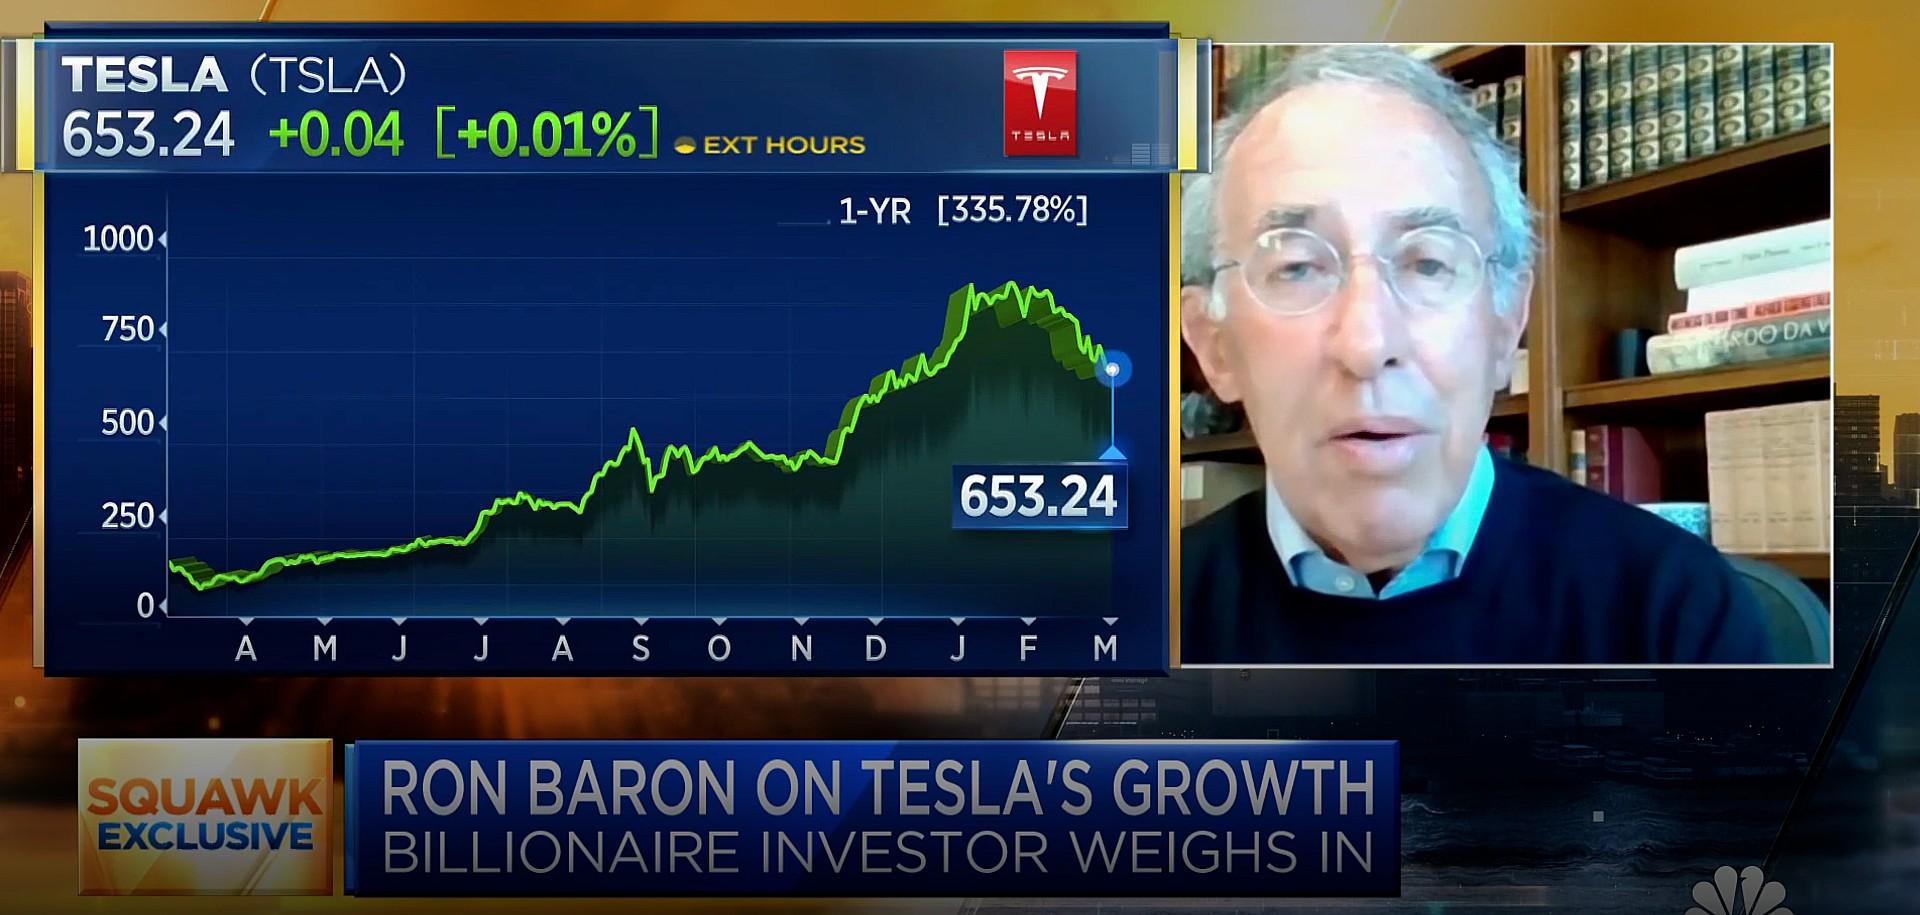 tesla-ron-baron-sells-shares